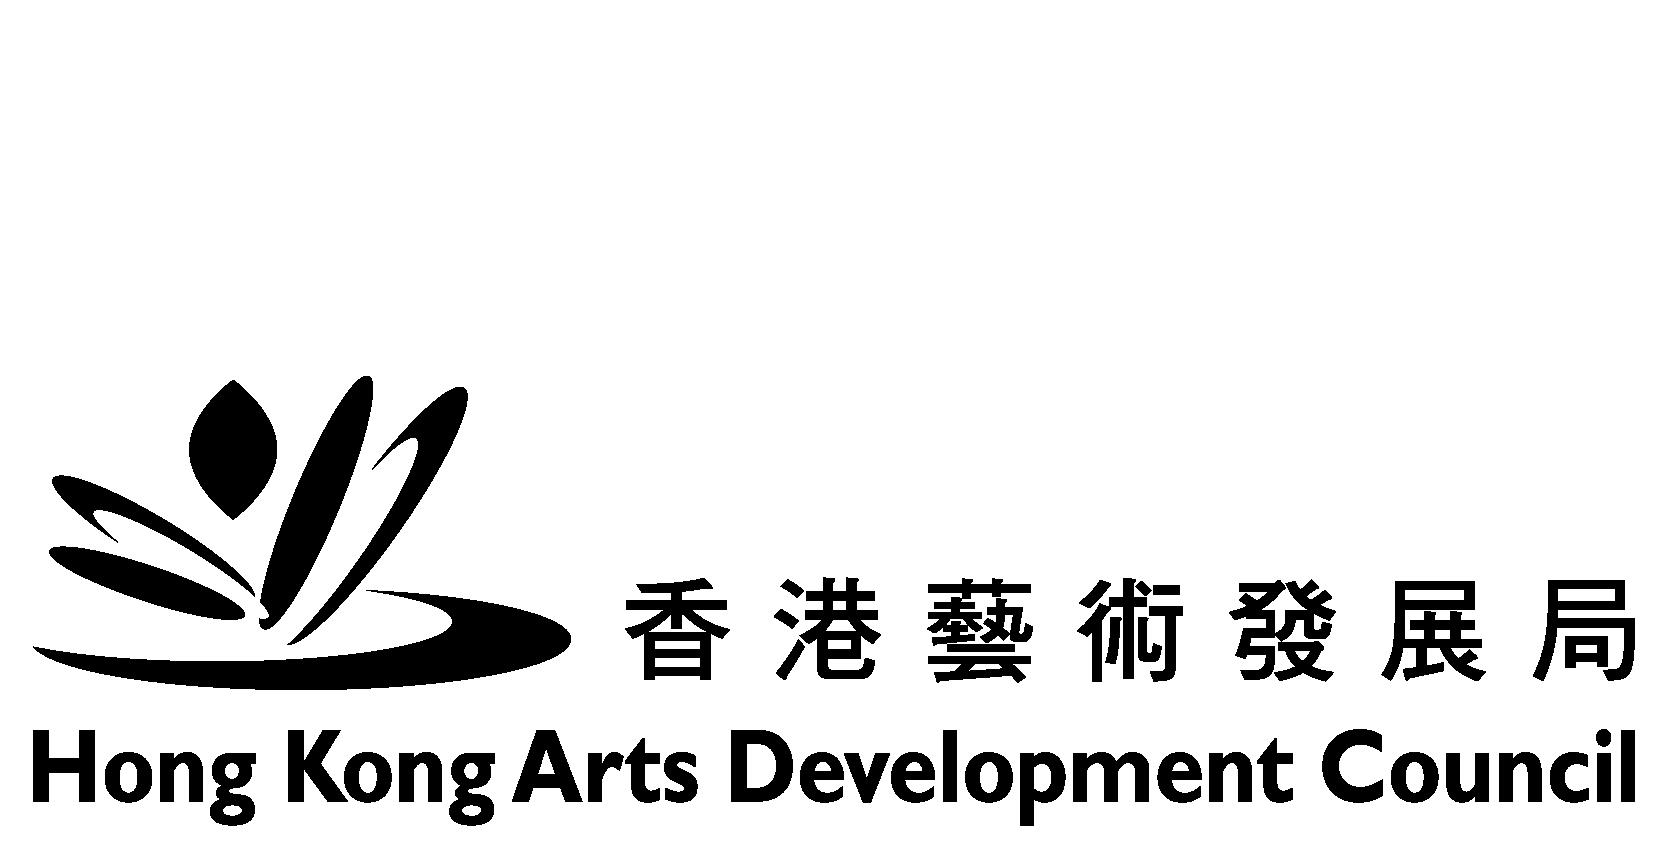 Hong Kong Arts Development Council Logo